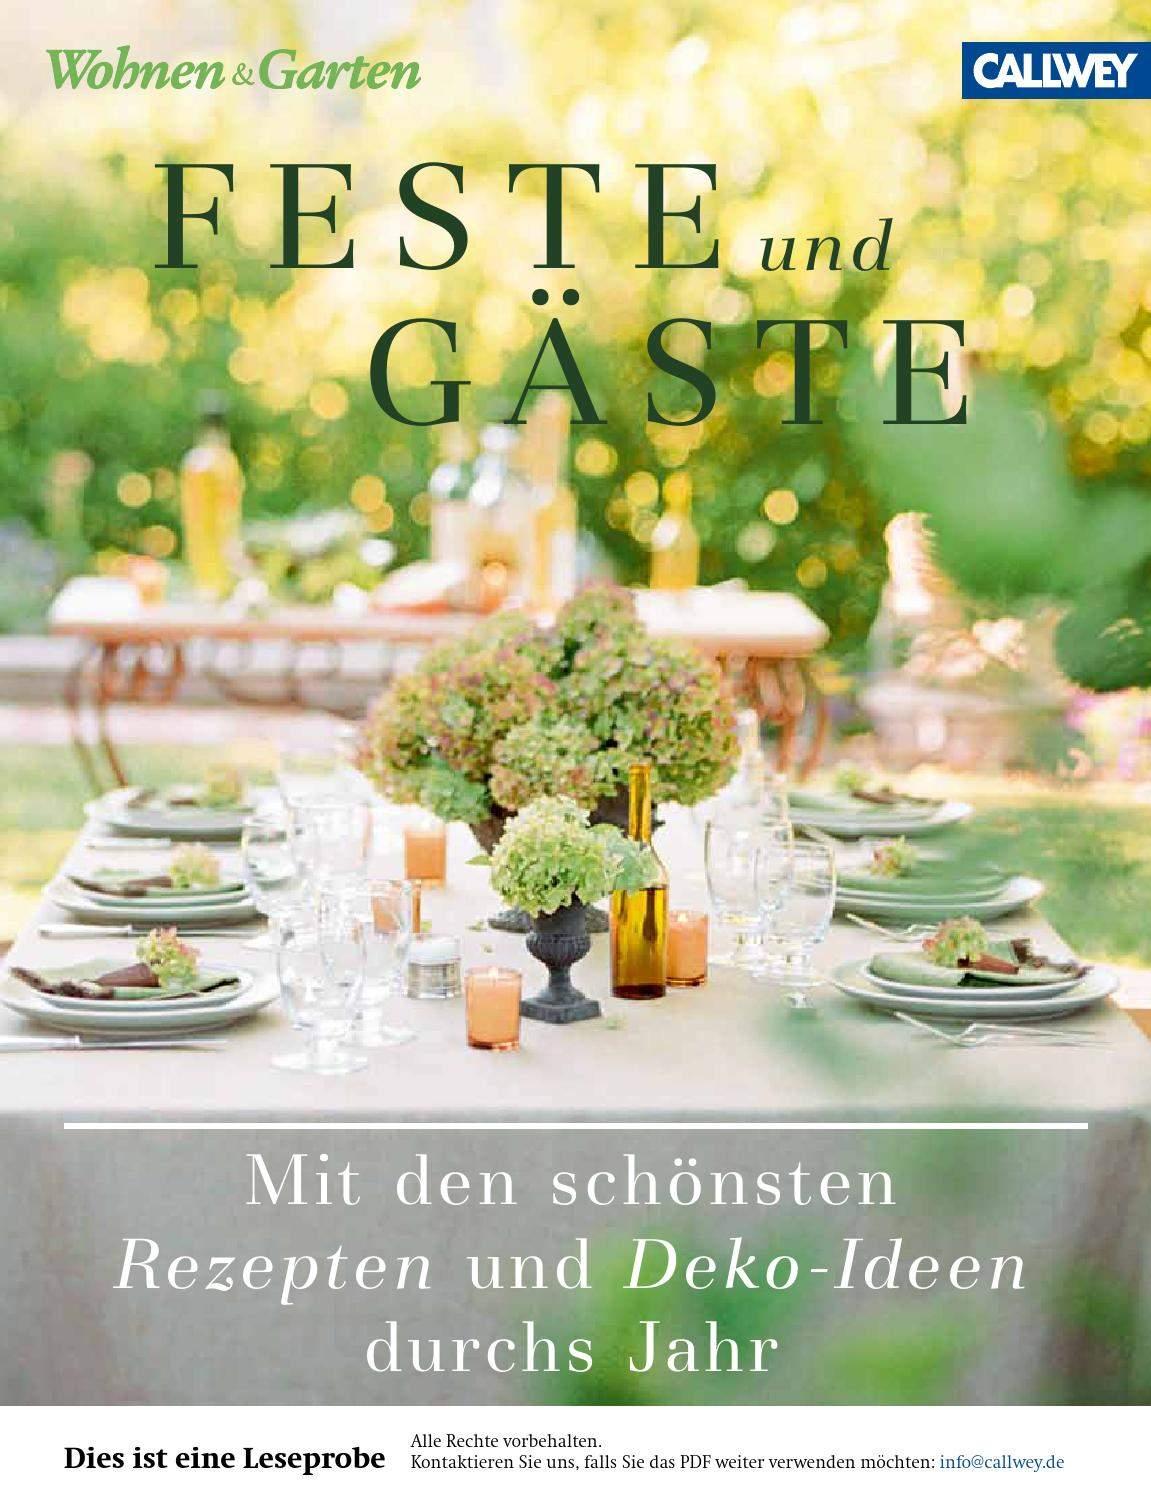 Wohnen Und Garten Genial Wohnen & Garten Hrsg Feste Und Gaeste Callwey issuu by